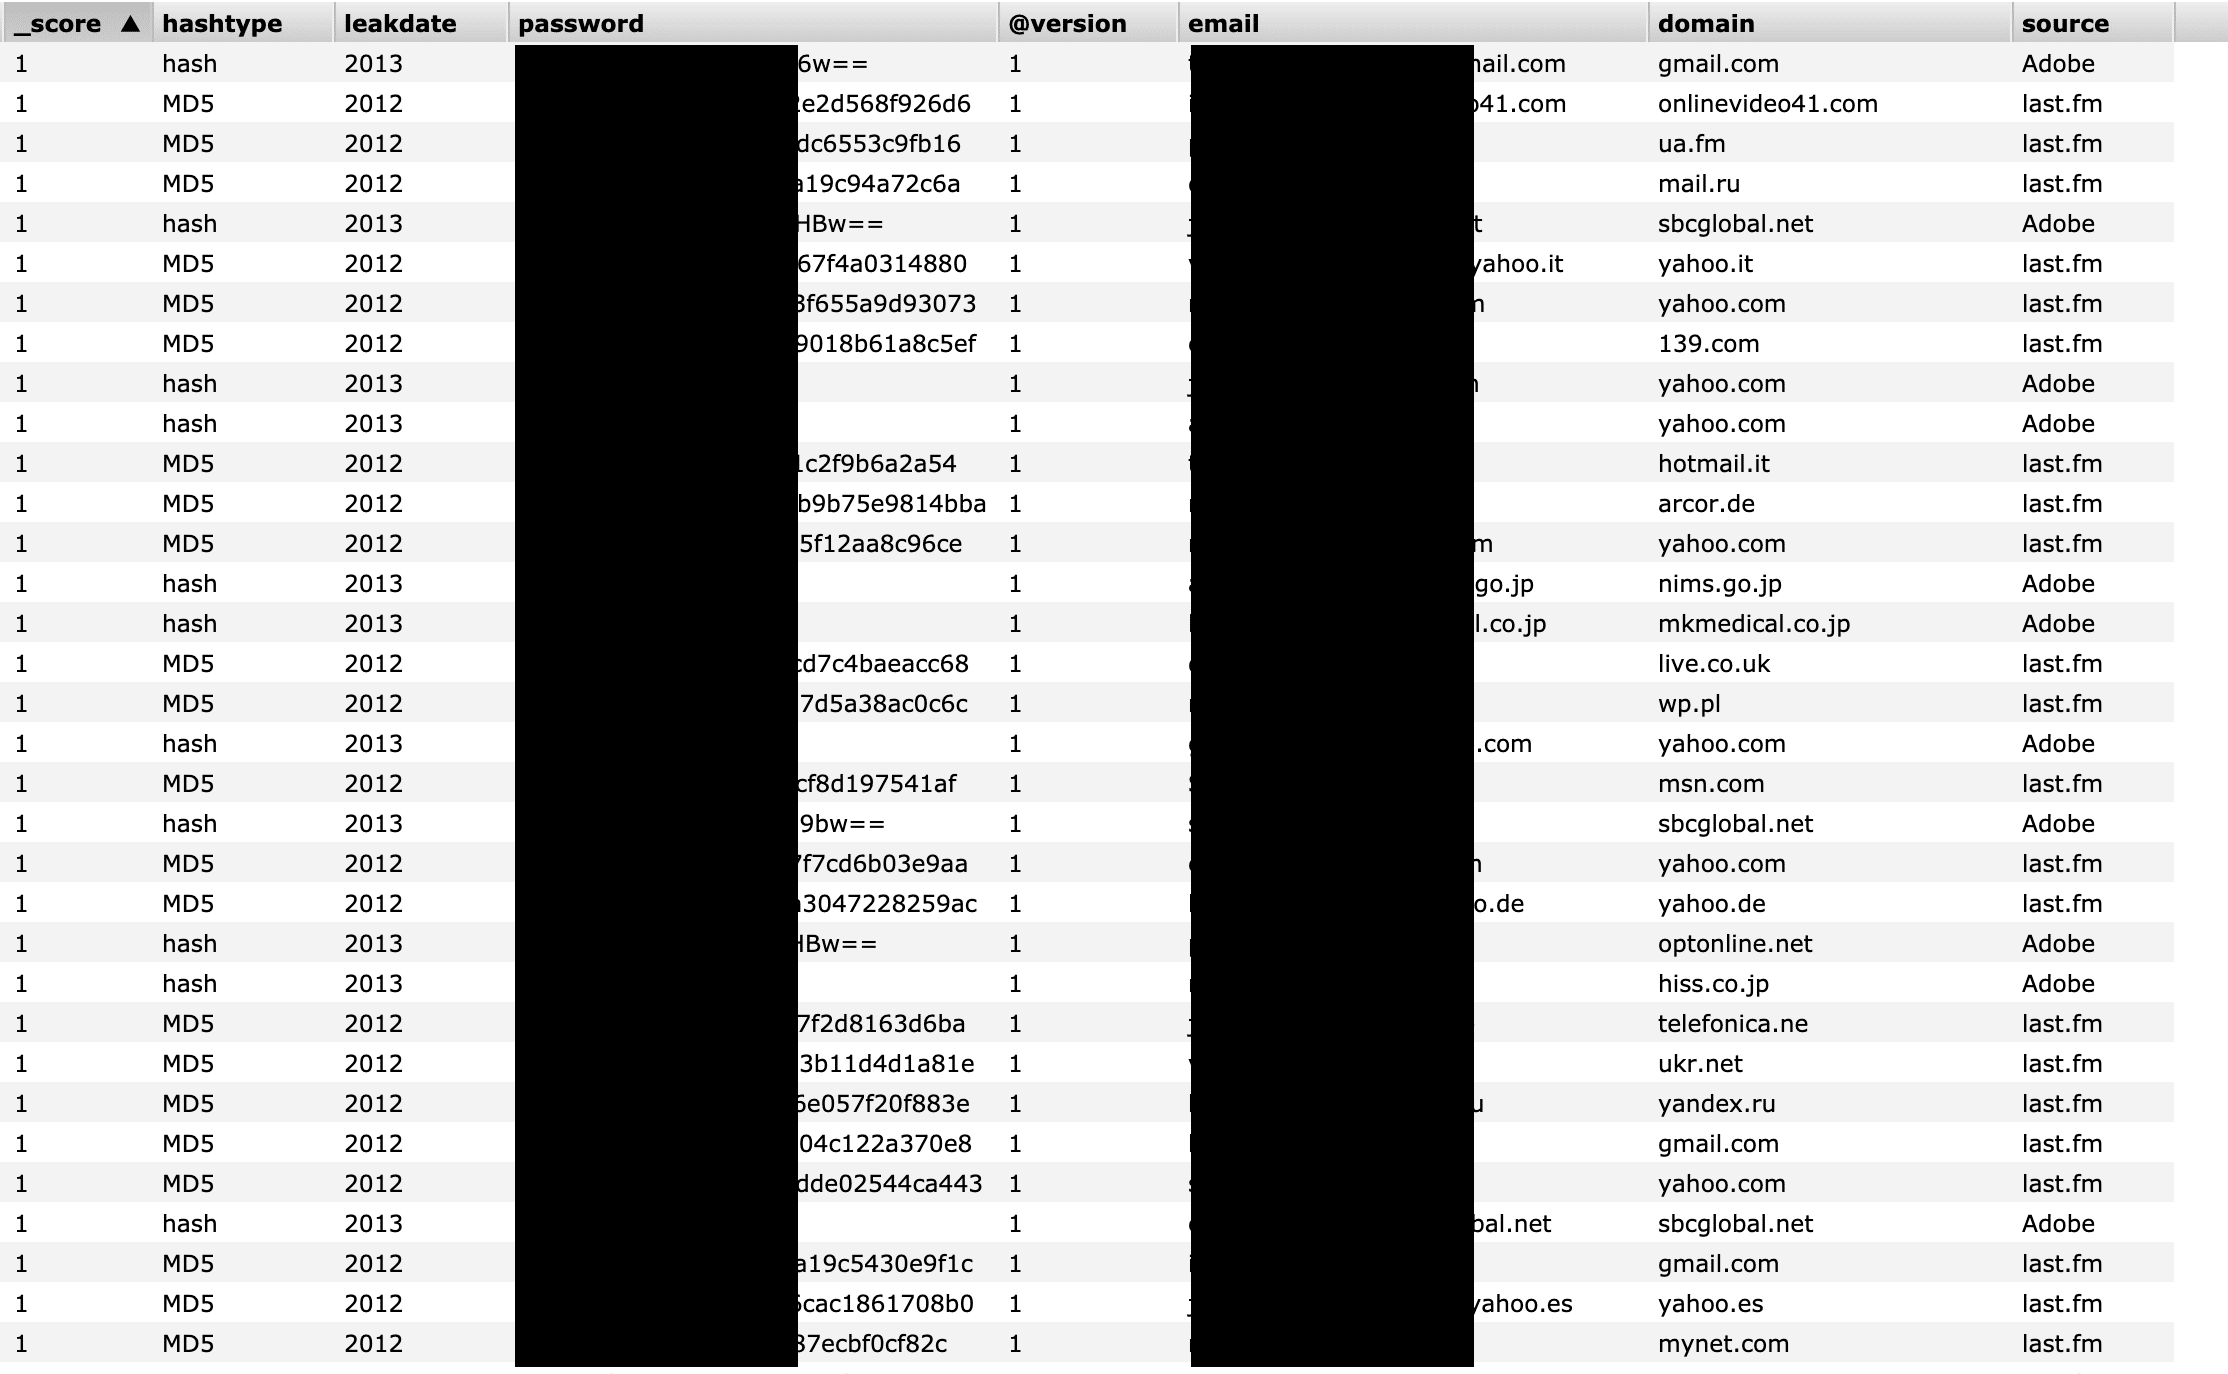 Keepnet Exposed Database